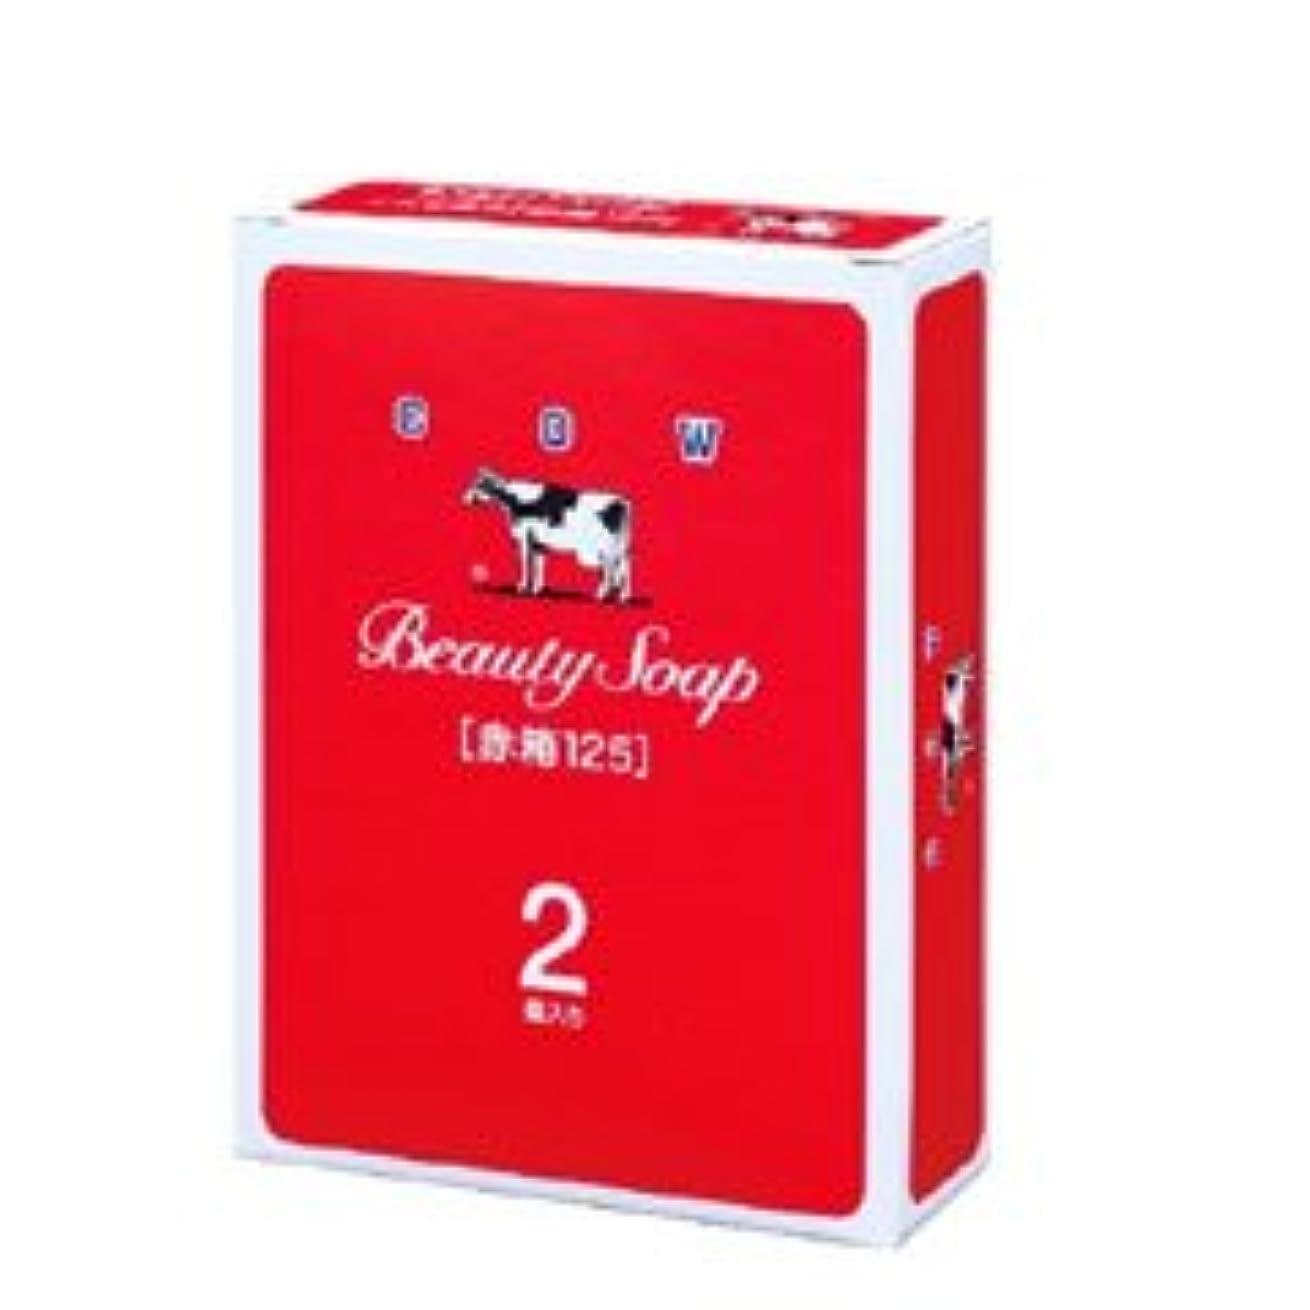 屈辱するデコードするセッティング【牛乳石鹸】カウブランド 赤箱 125 2個入り